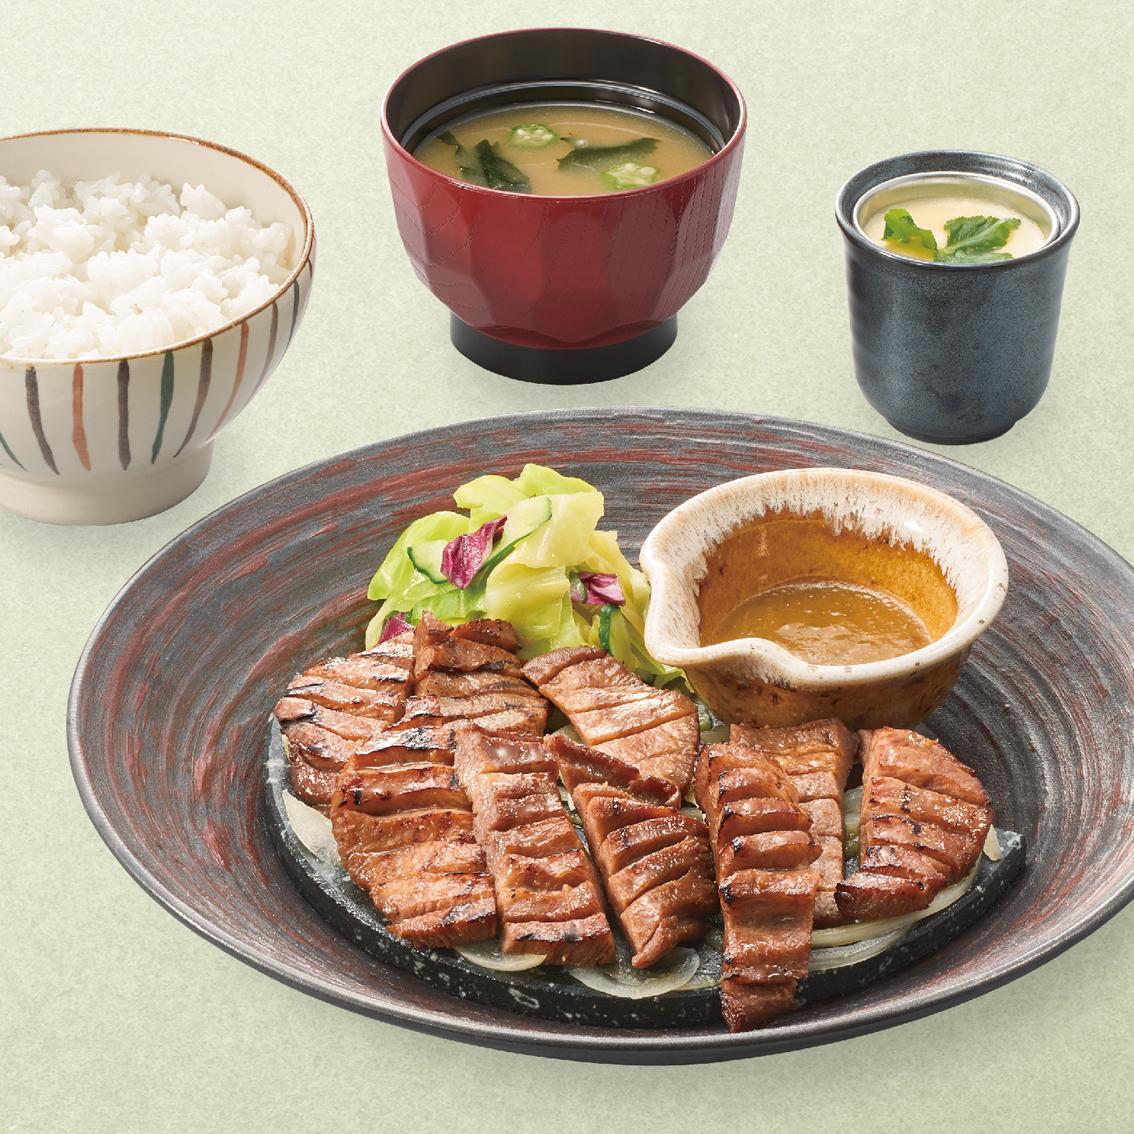 生姜醤油漬け炭火焼牛たん定食